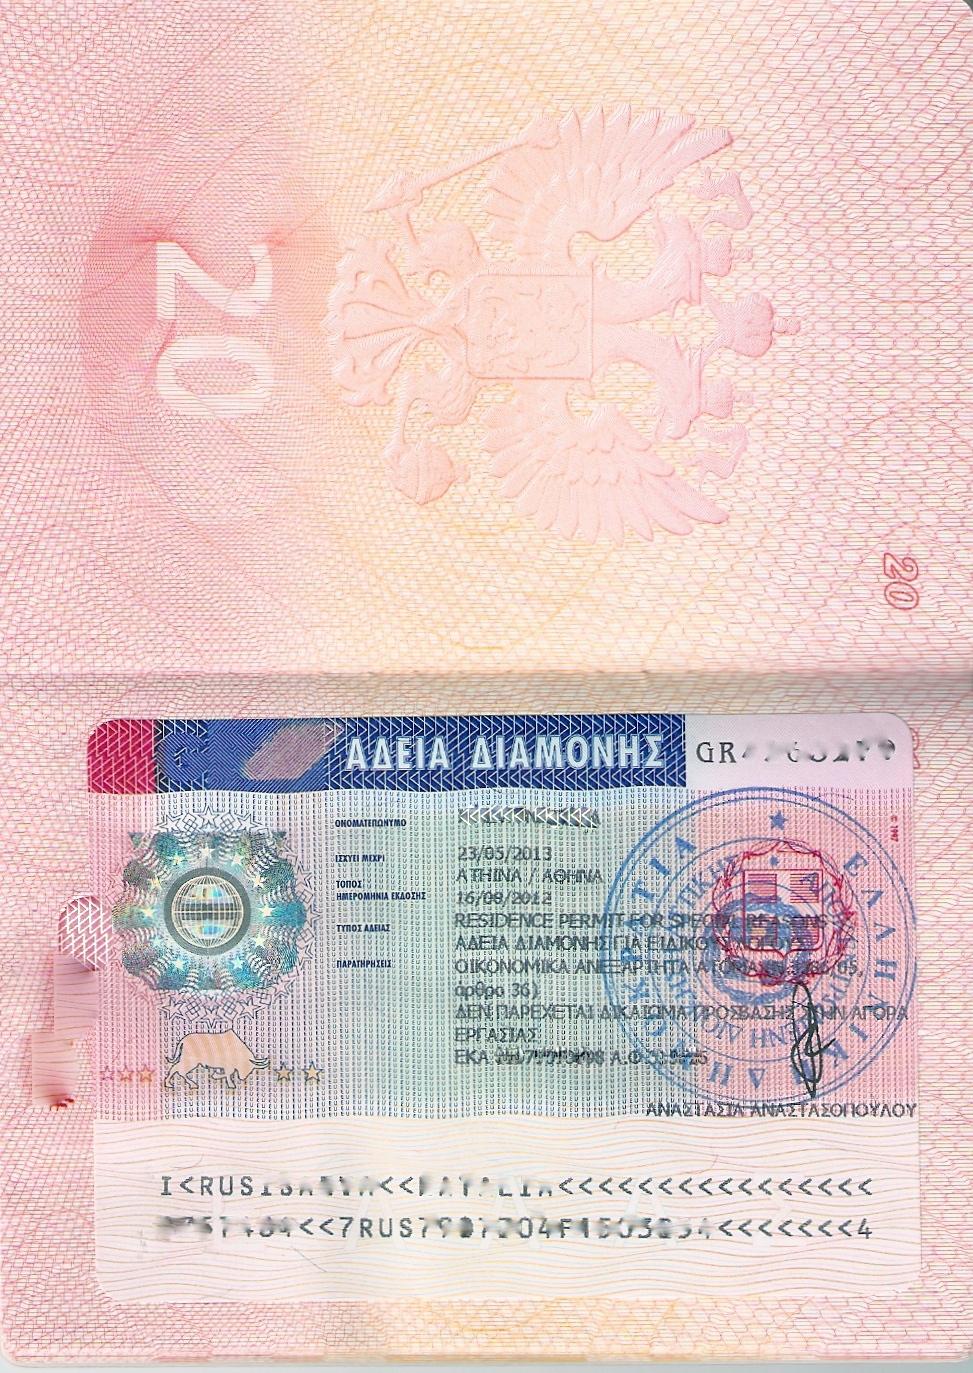 скан паспорта